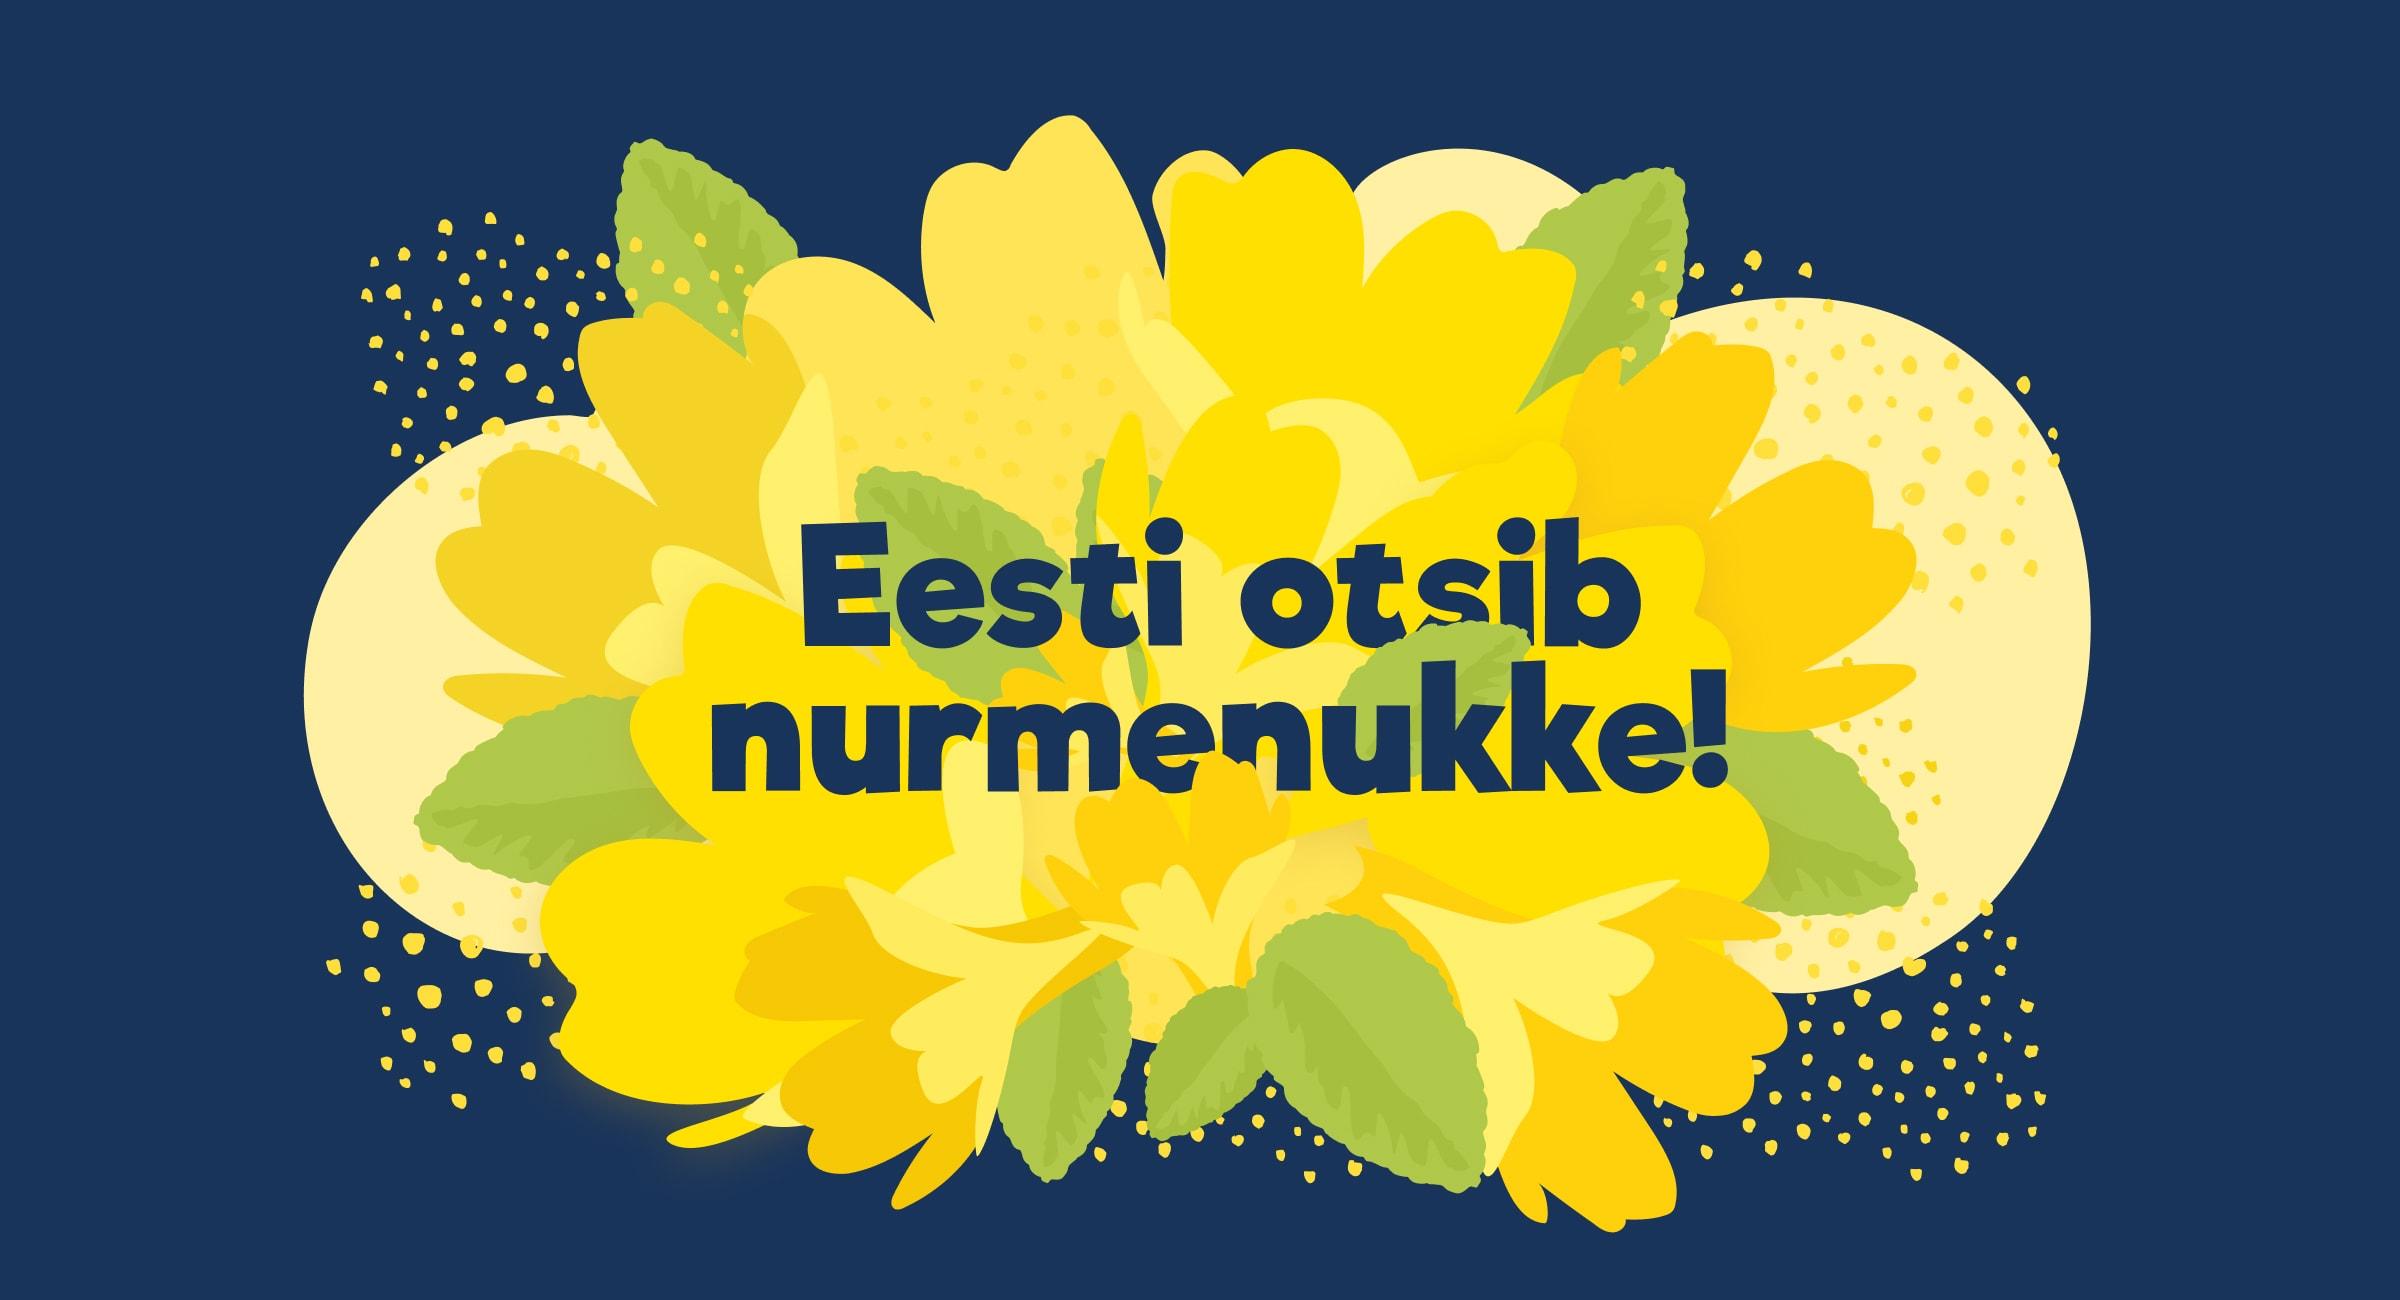 nurmenukk-cover-4